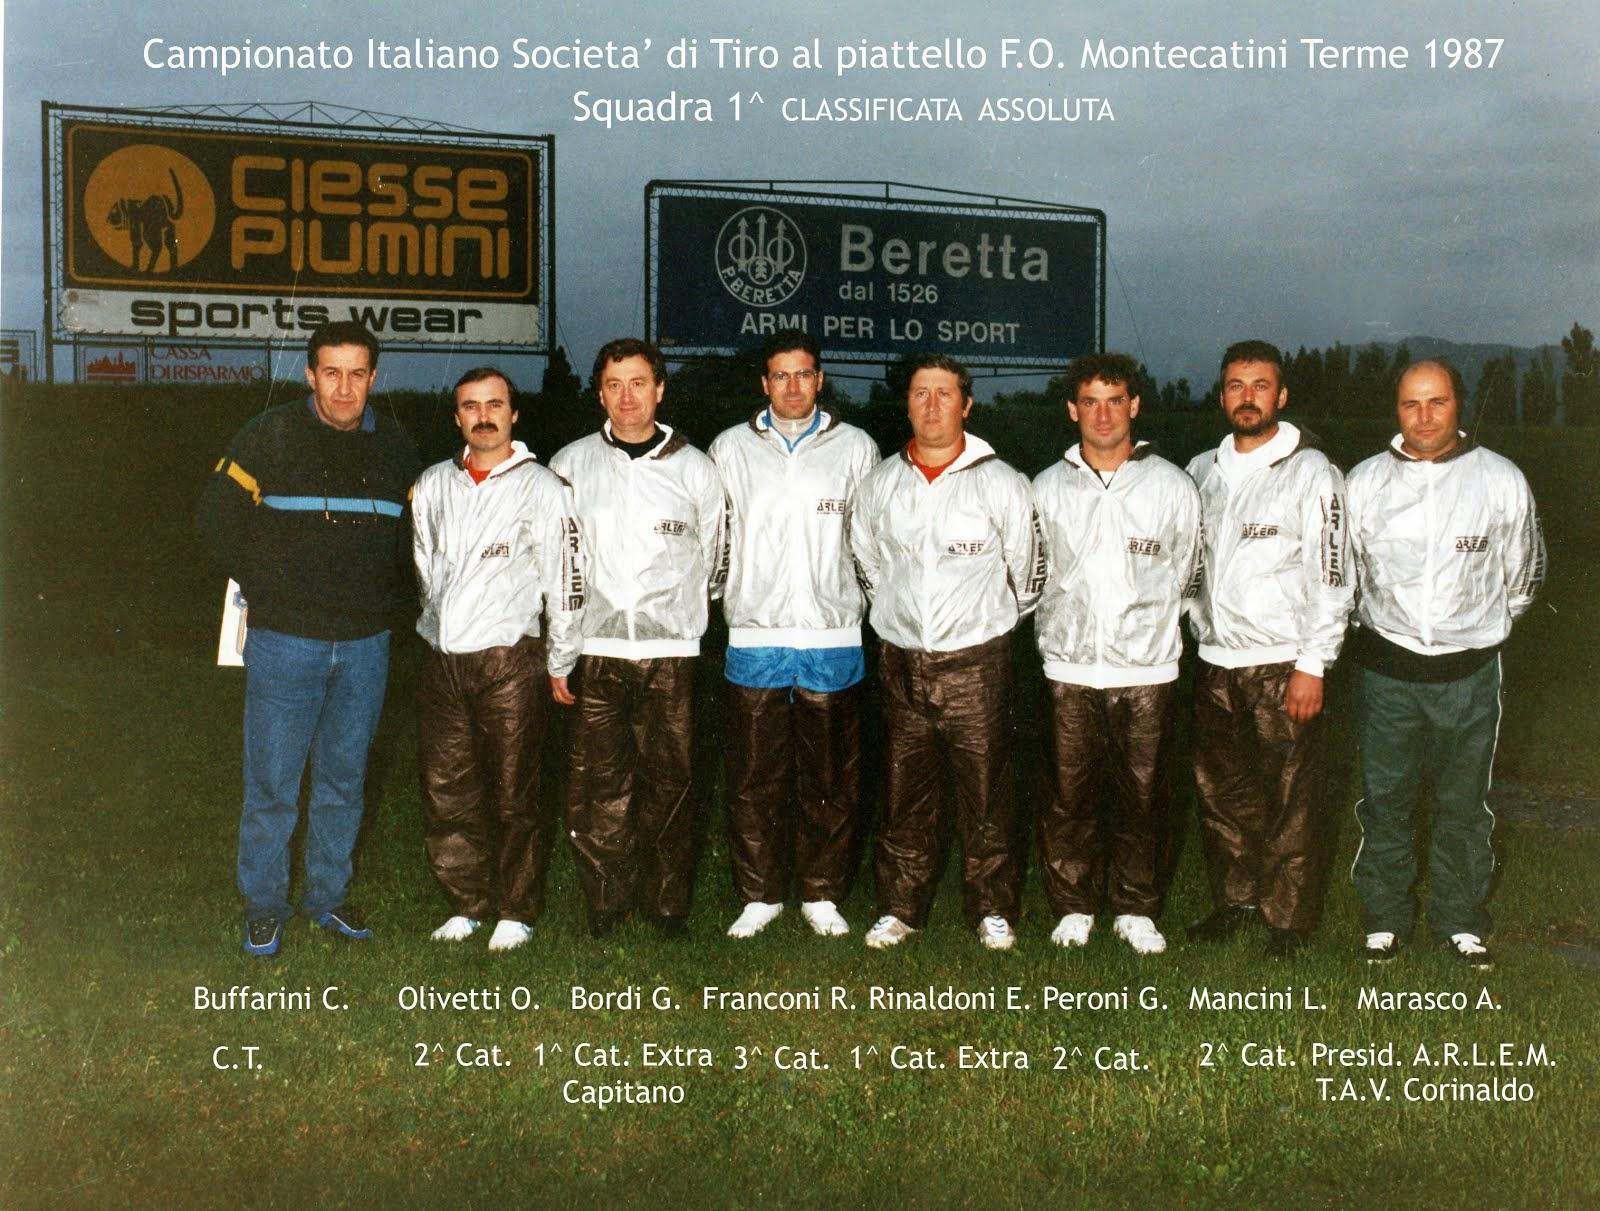 1987 Campionato Italiano Società - Squadra 1° Class. Assoluta (Clicca la foto per il video)